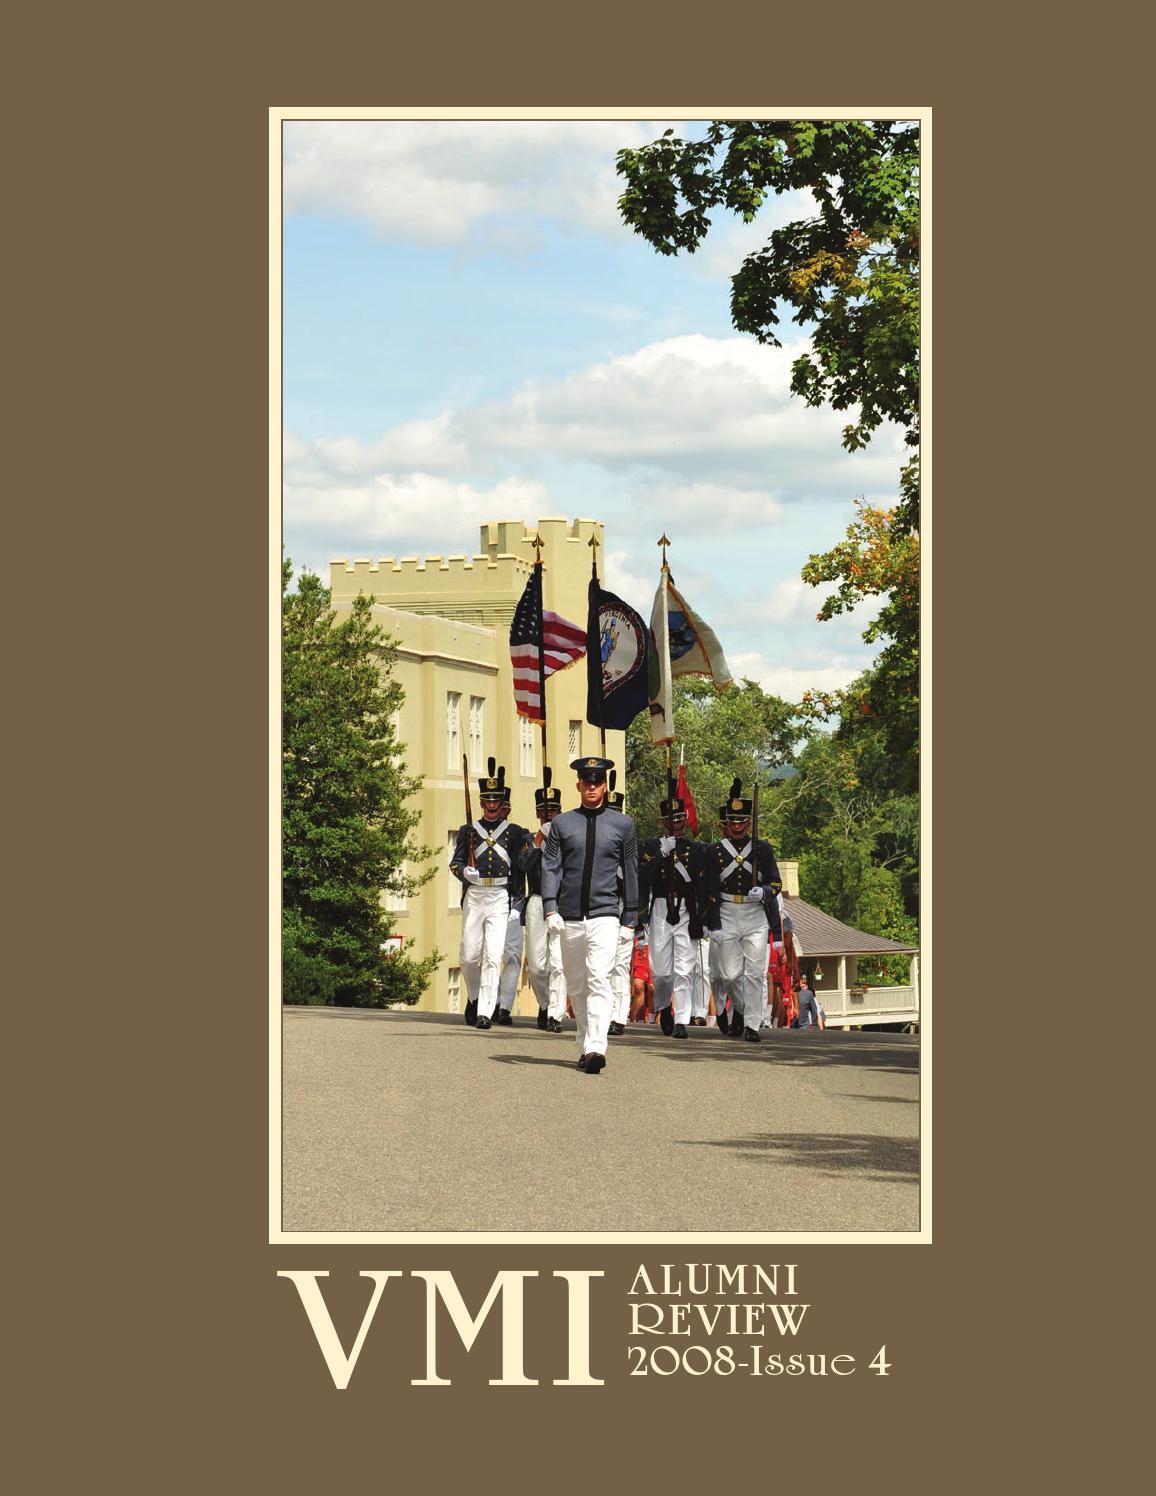 Alumni Review 2008 Issue 4 By Vmi Alumni Agencies Issuu